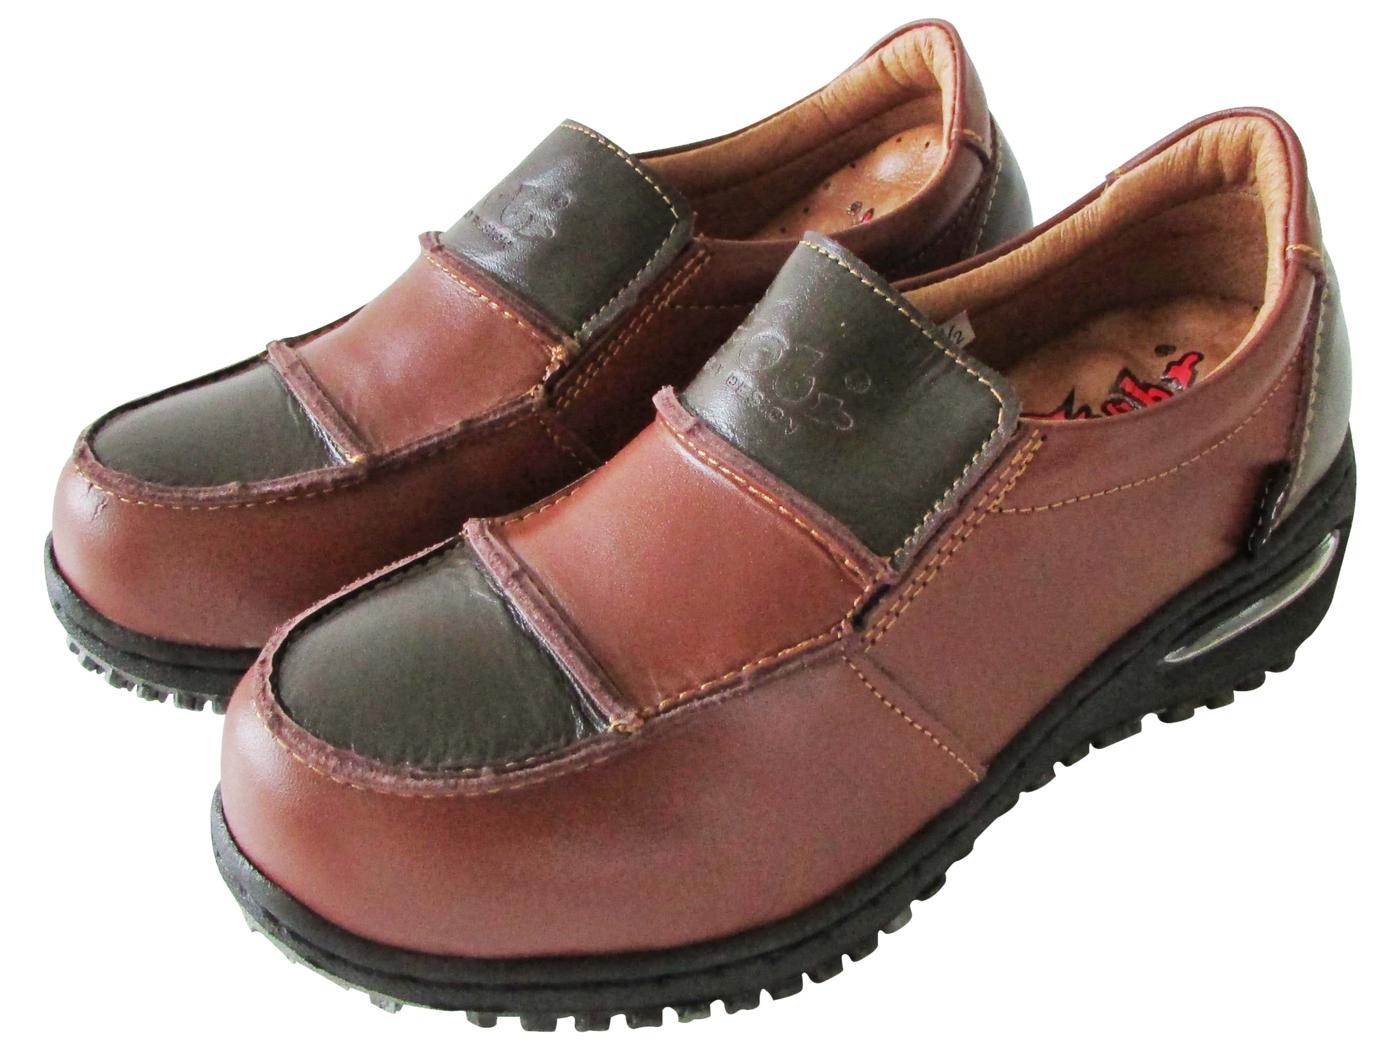 雙惠鞋櫃路豹Zobr日系復古學院風女牛皮休閒鞋台灣製造BB81A棕咖